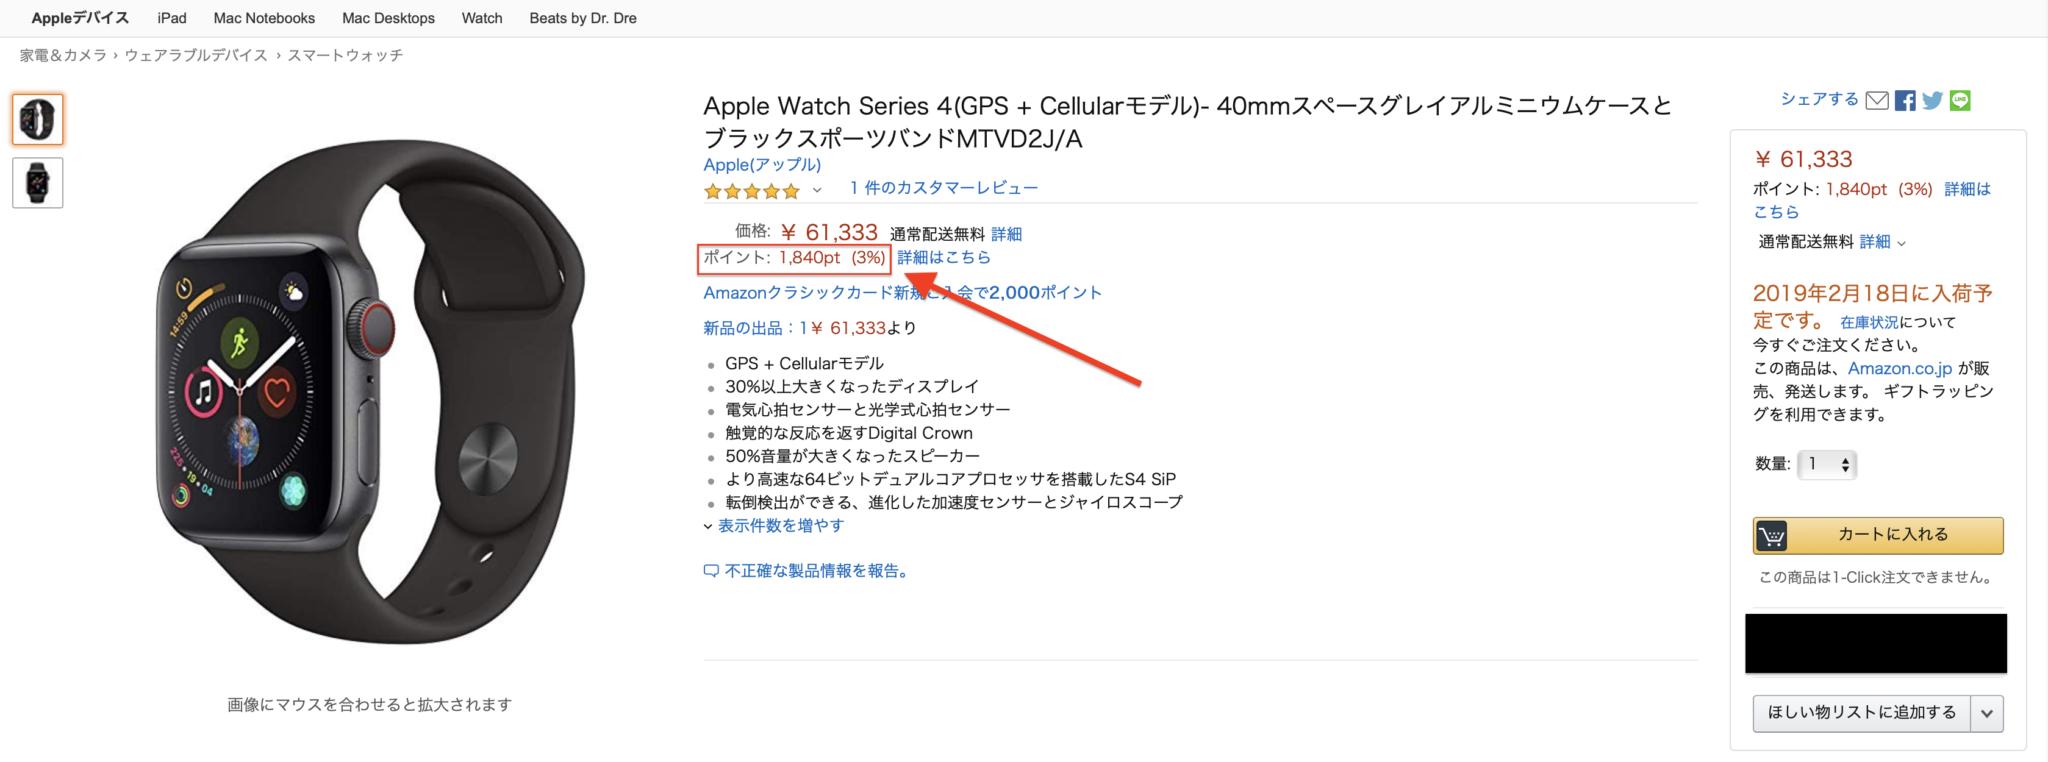 Amazonで購入するアップル製品